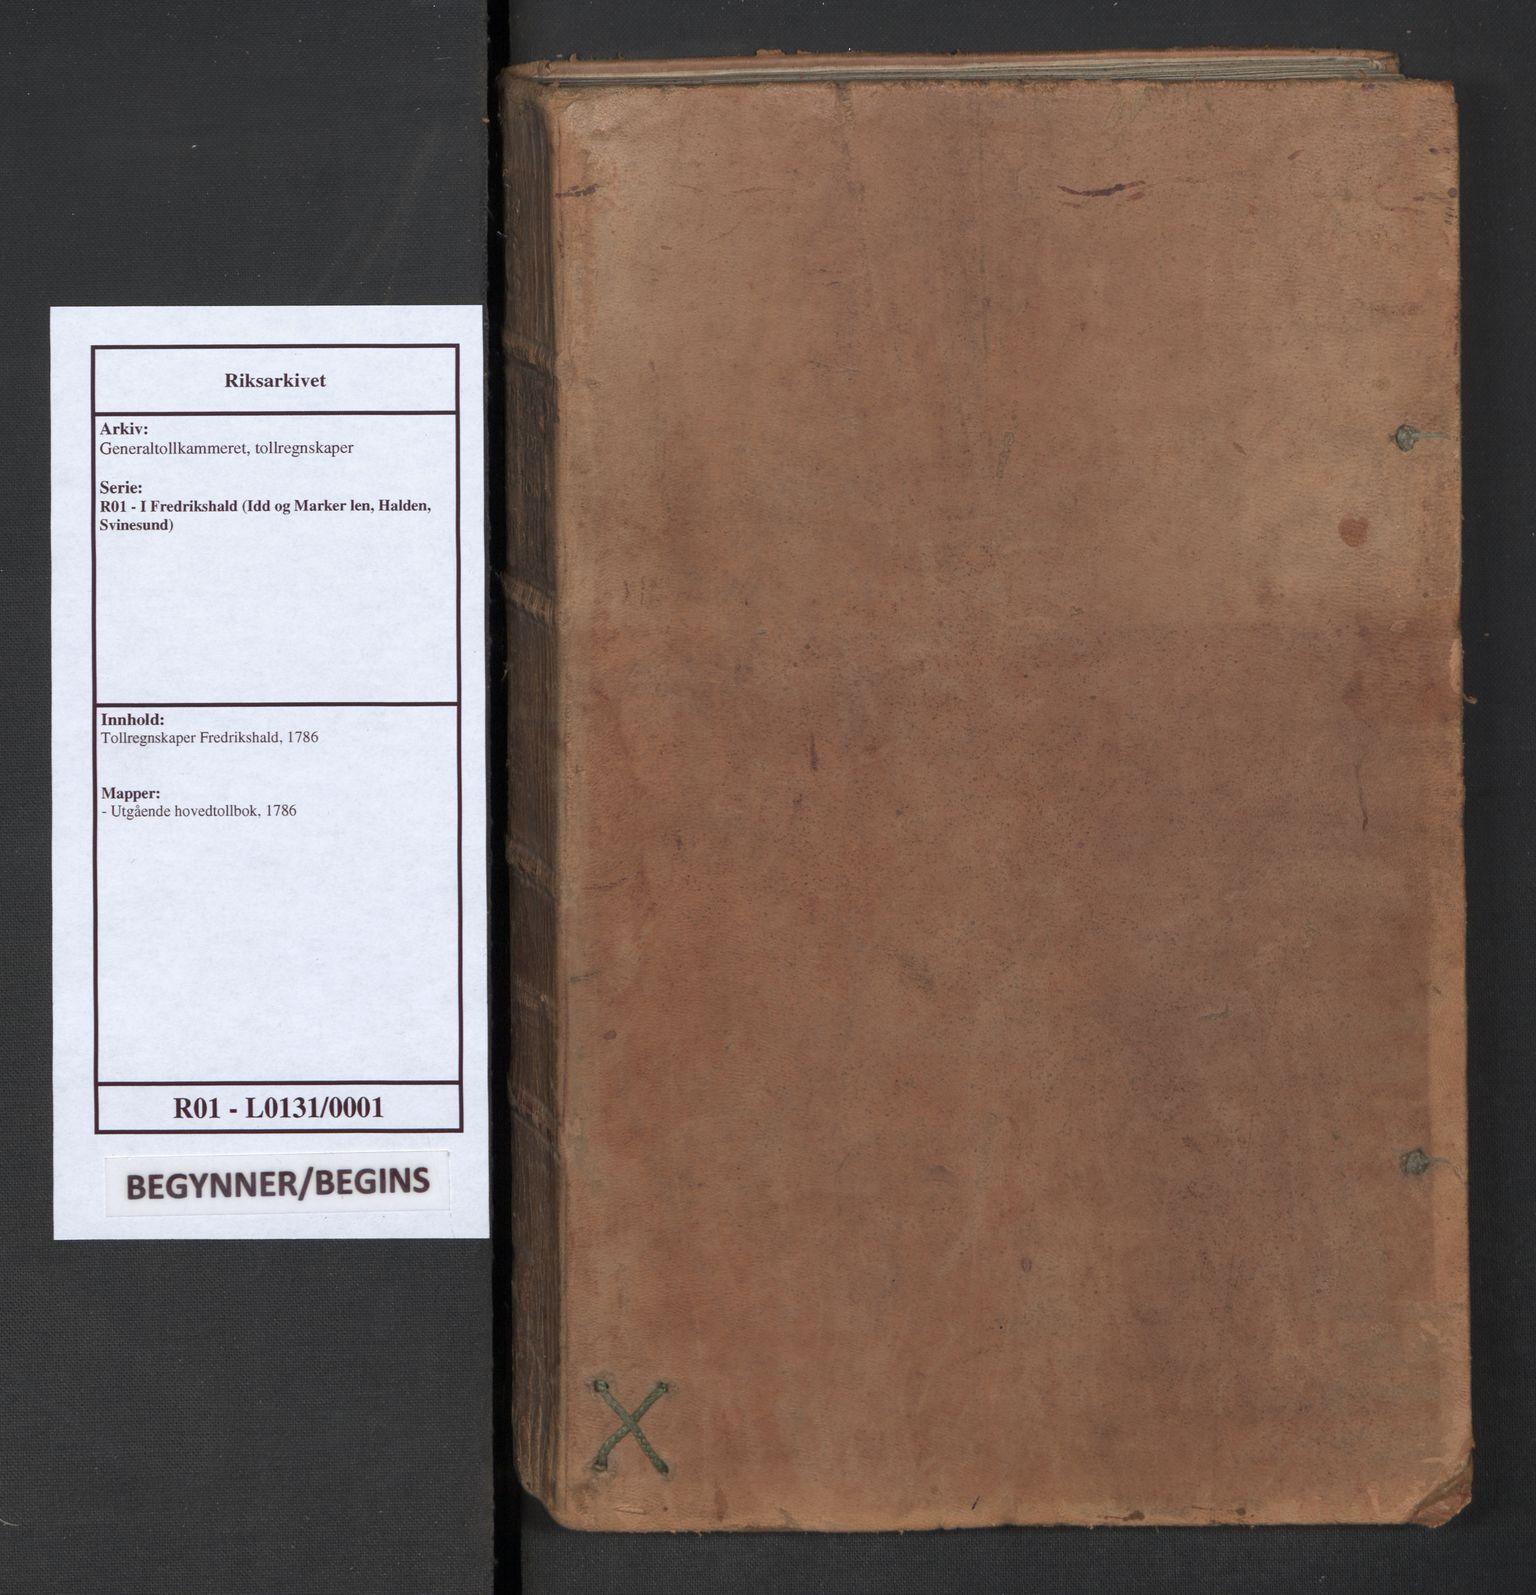 RA, Generaltollkammeret, tollregnskaper, R01/L0131: Tollregnskaper Fredrikshald, 1786